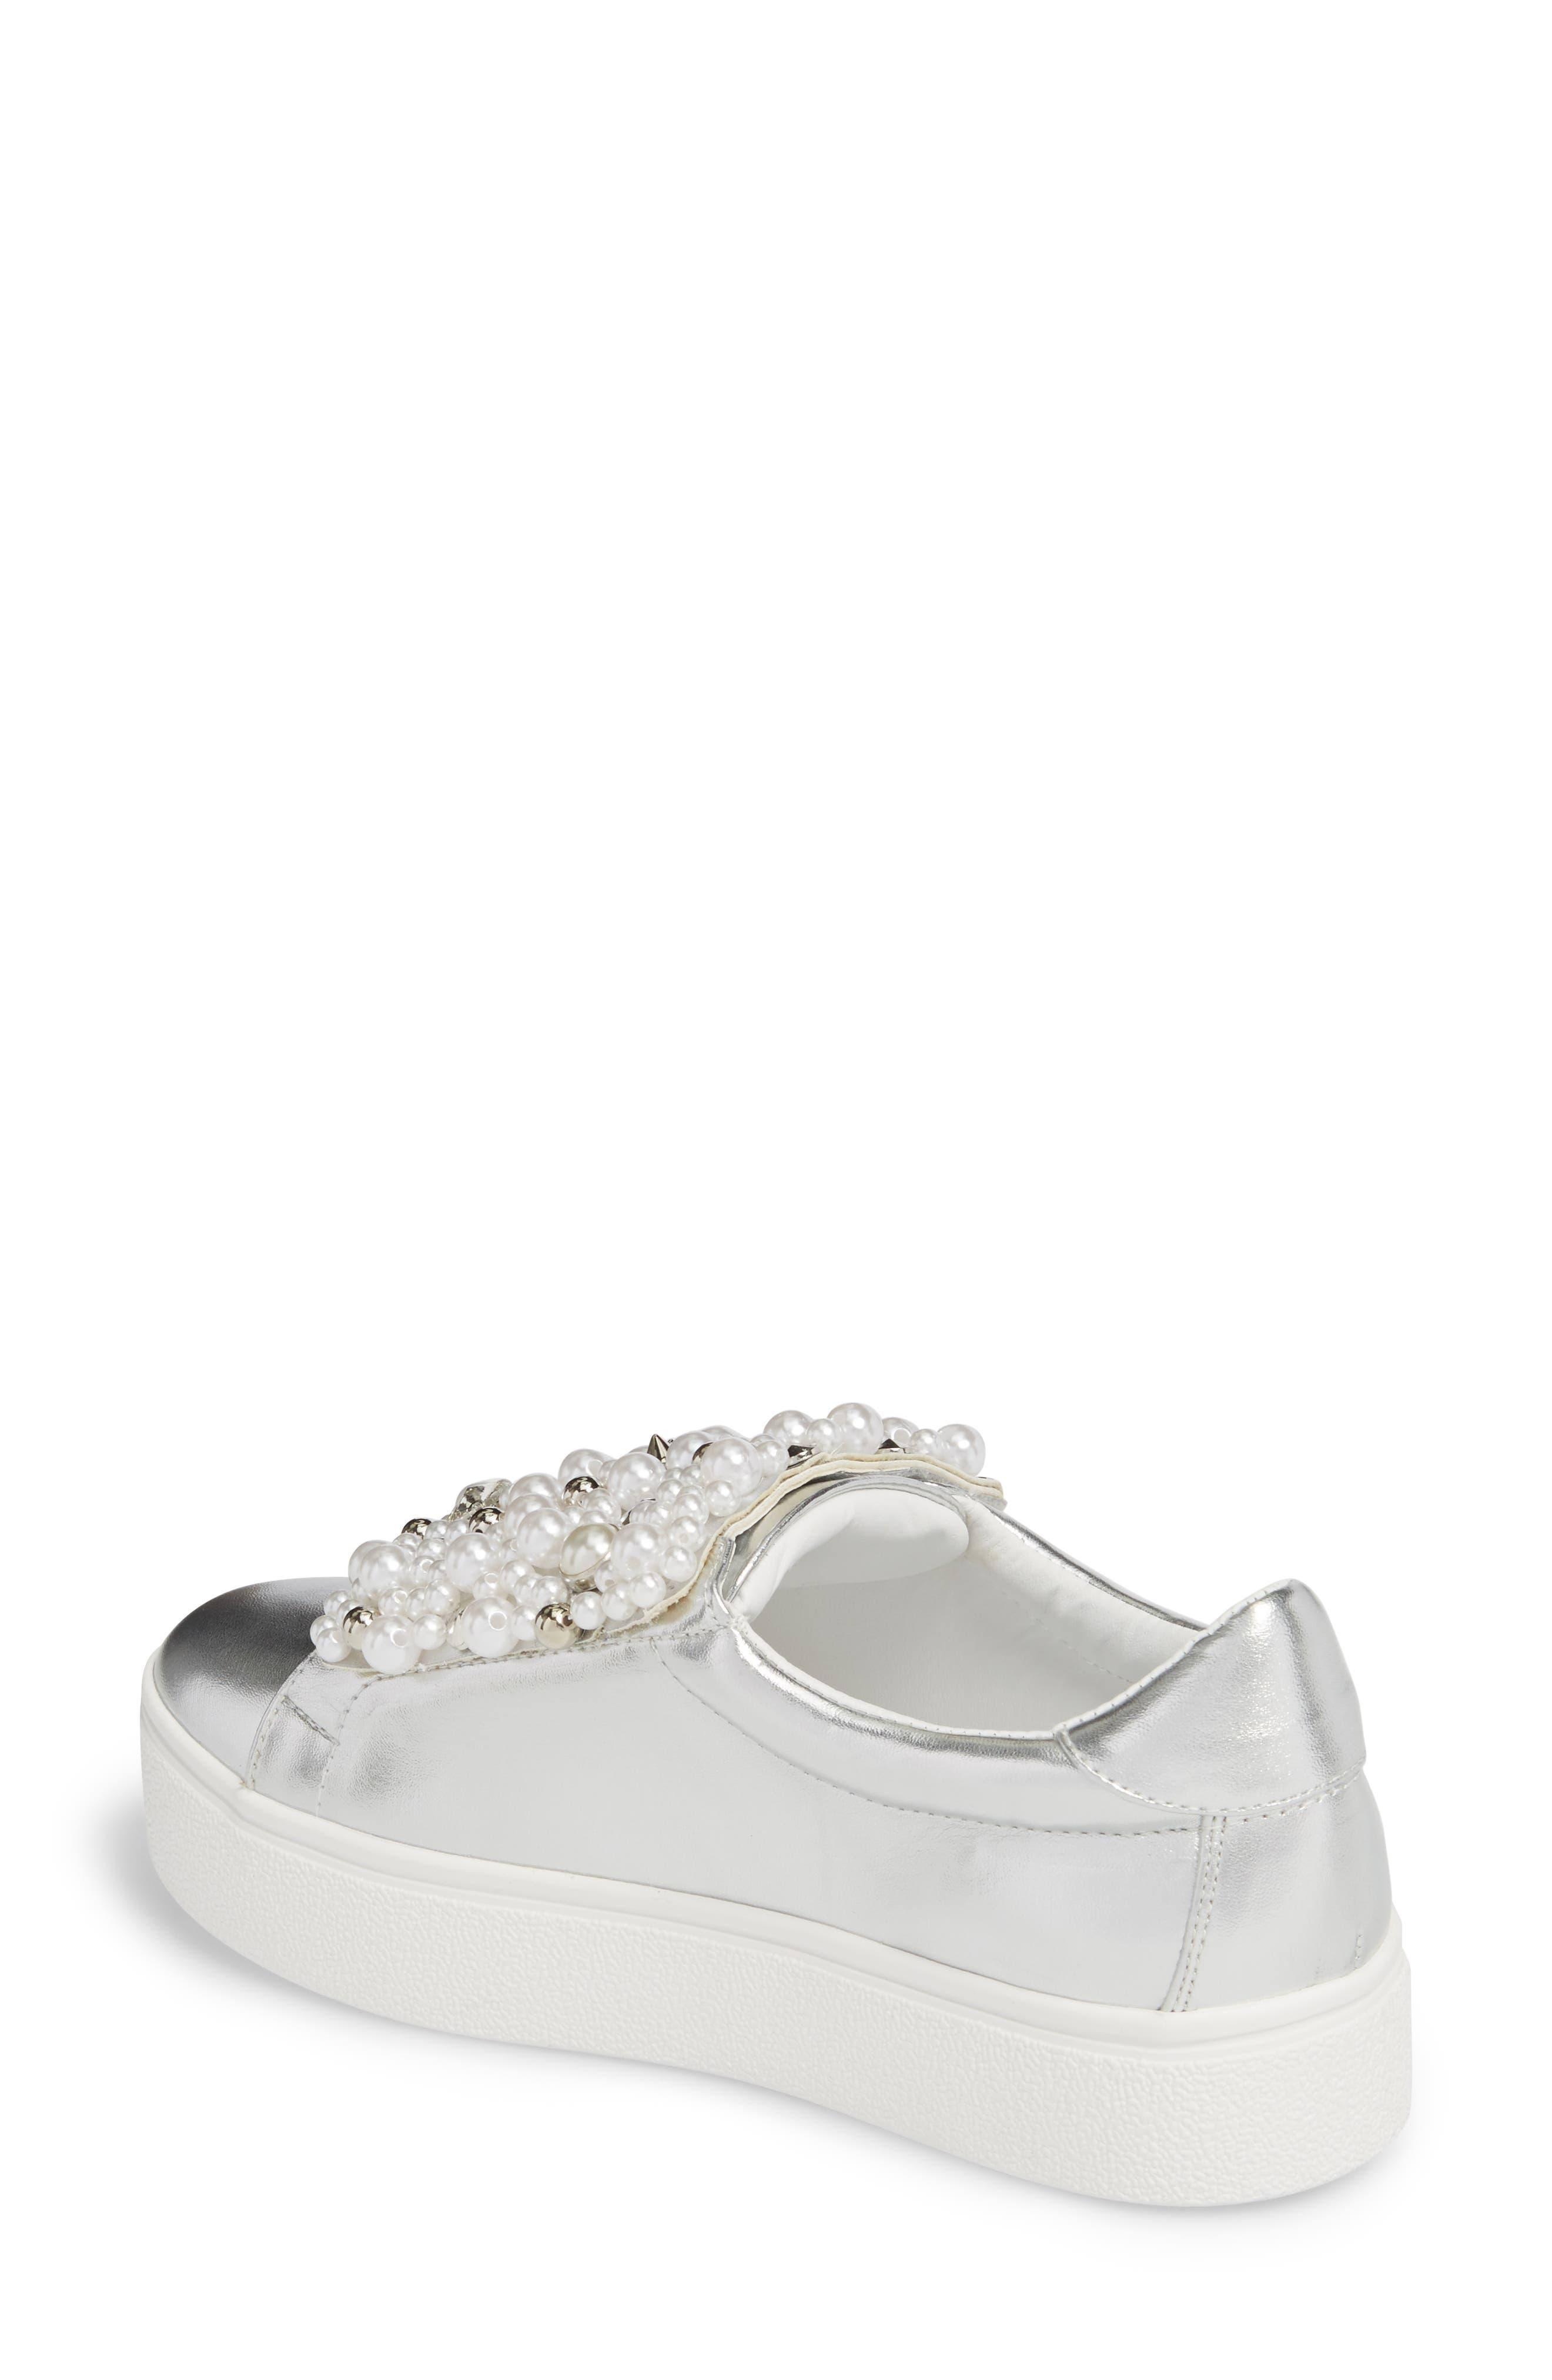 Lion Embellished Slip-On Platform Sneaker,                             Alternate thumbnail 2, color,                             Silver Faux Leather